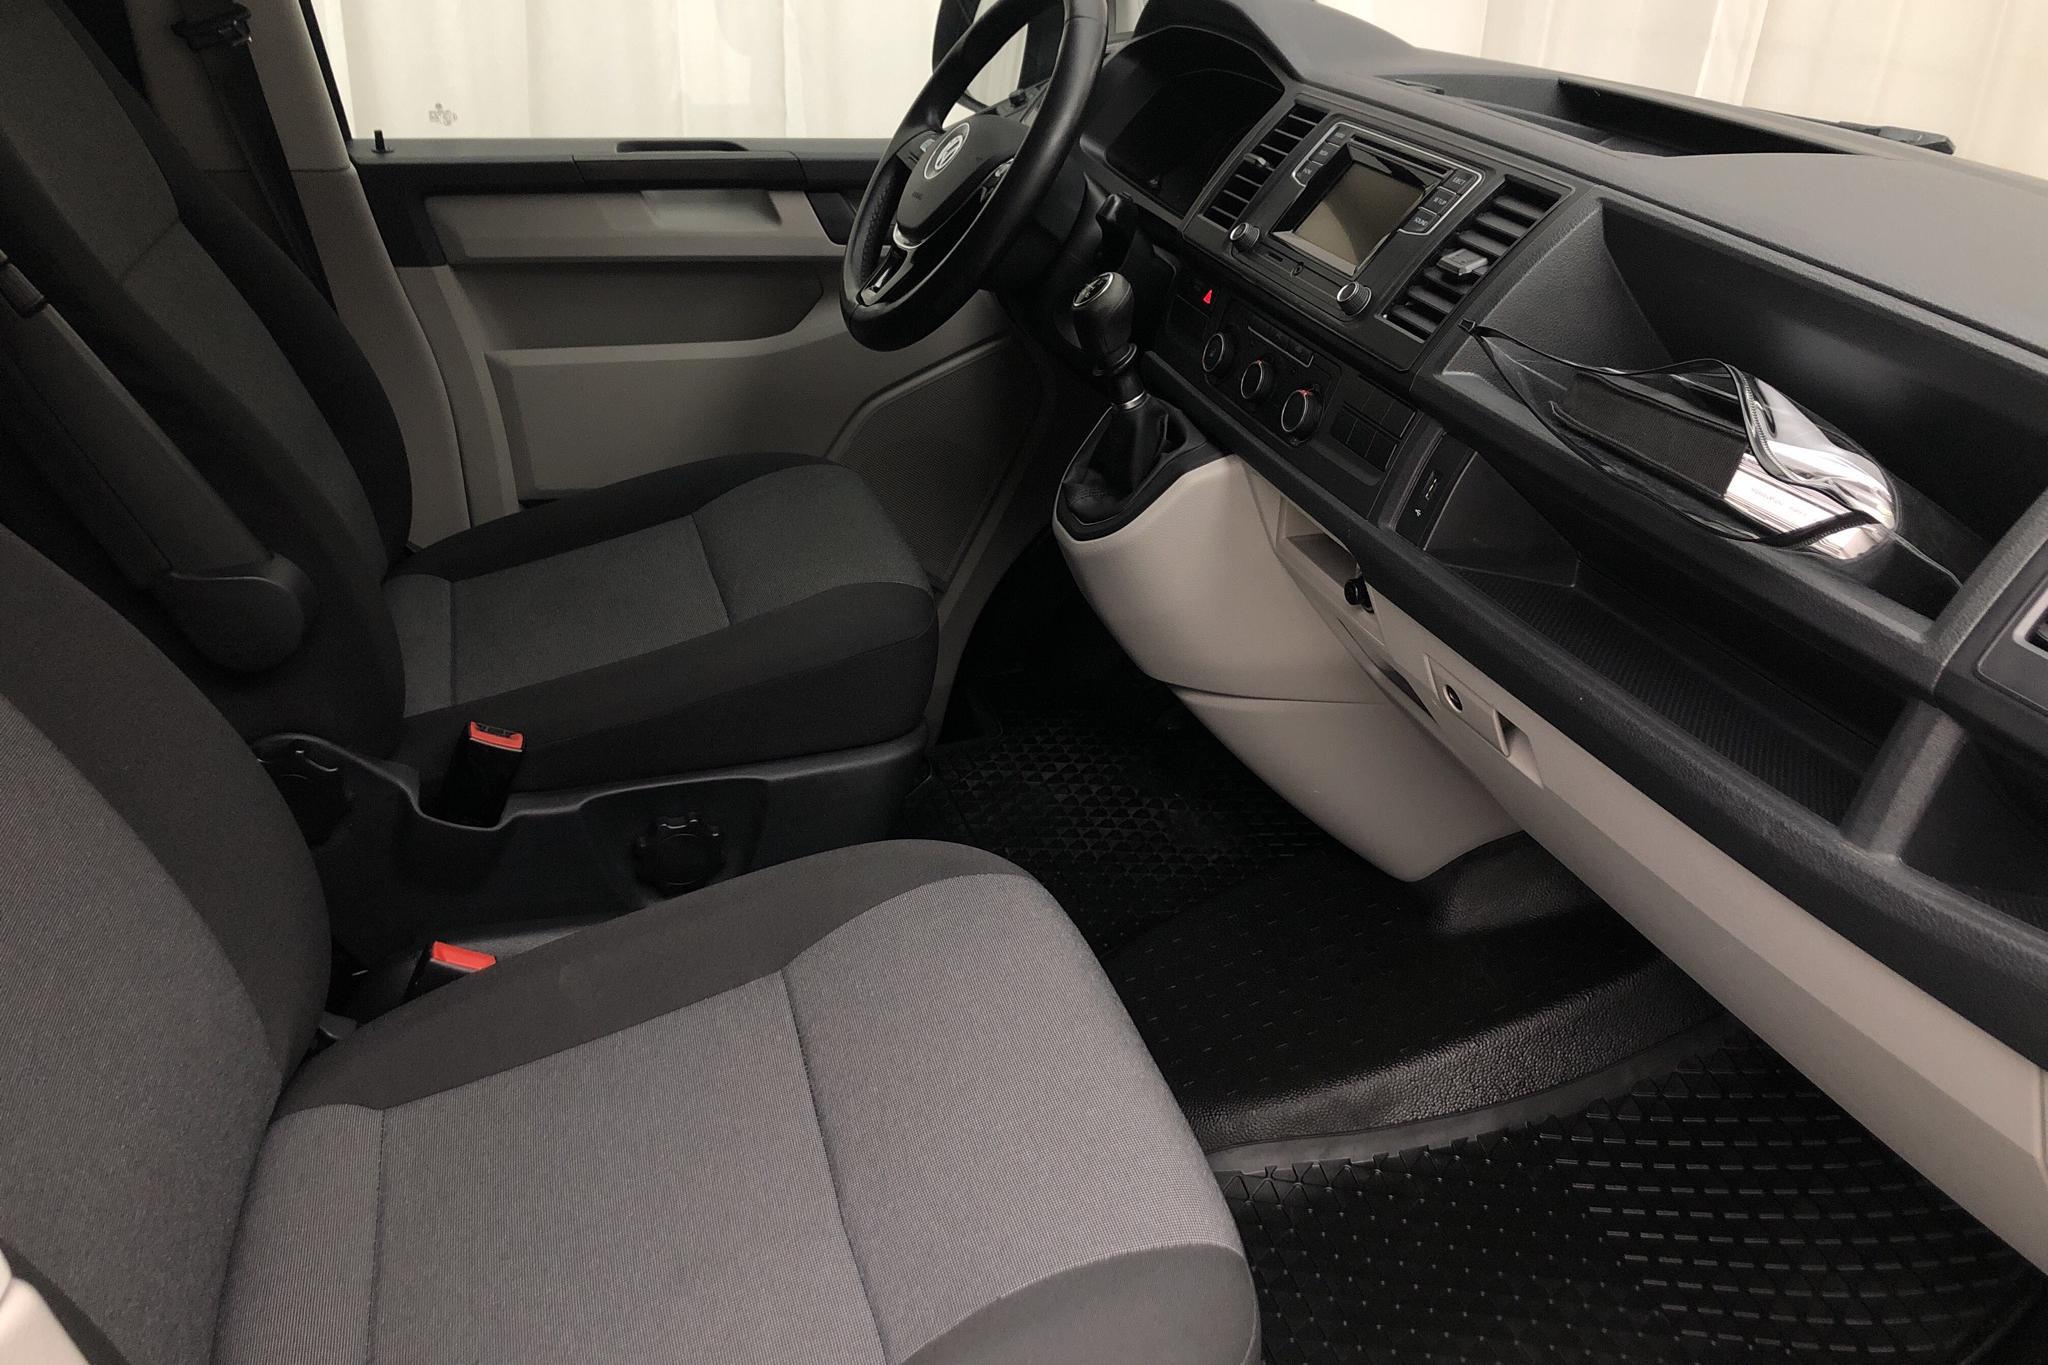 VW Transporter T6 2.0 TDI BMT Skåp (150hk) - 12 639 mil - Manuell - vit - 2017